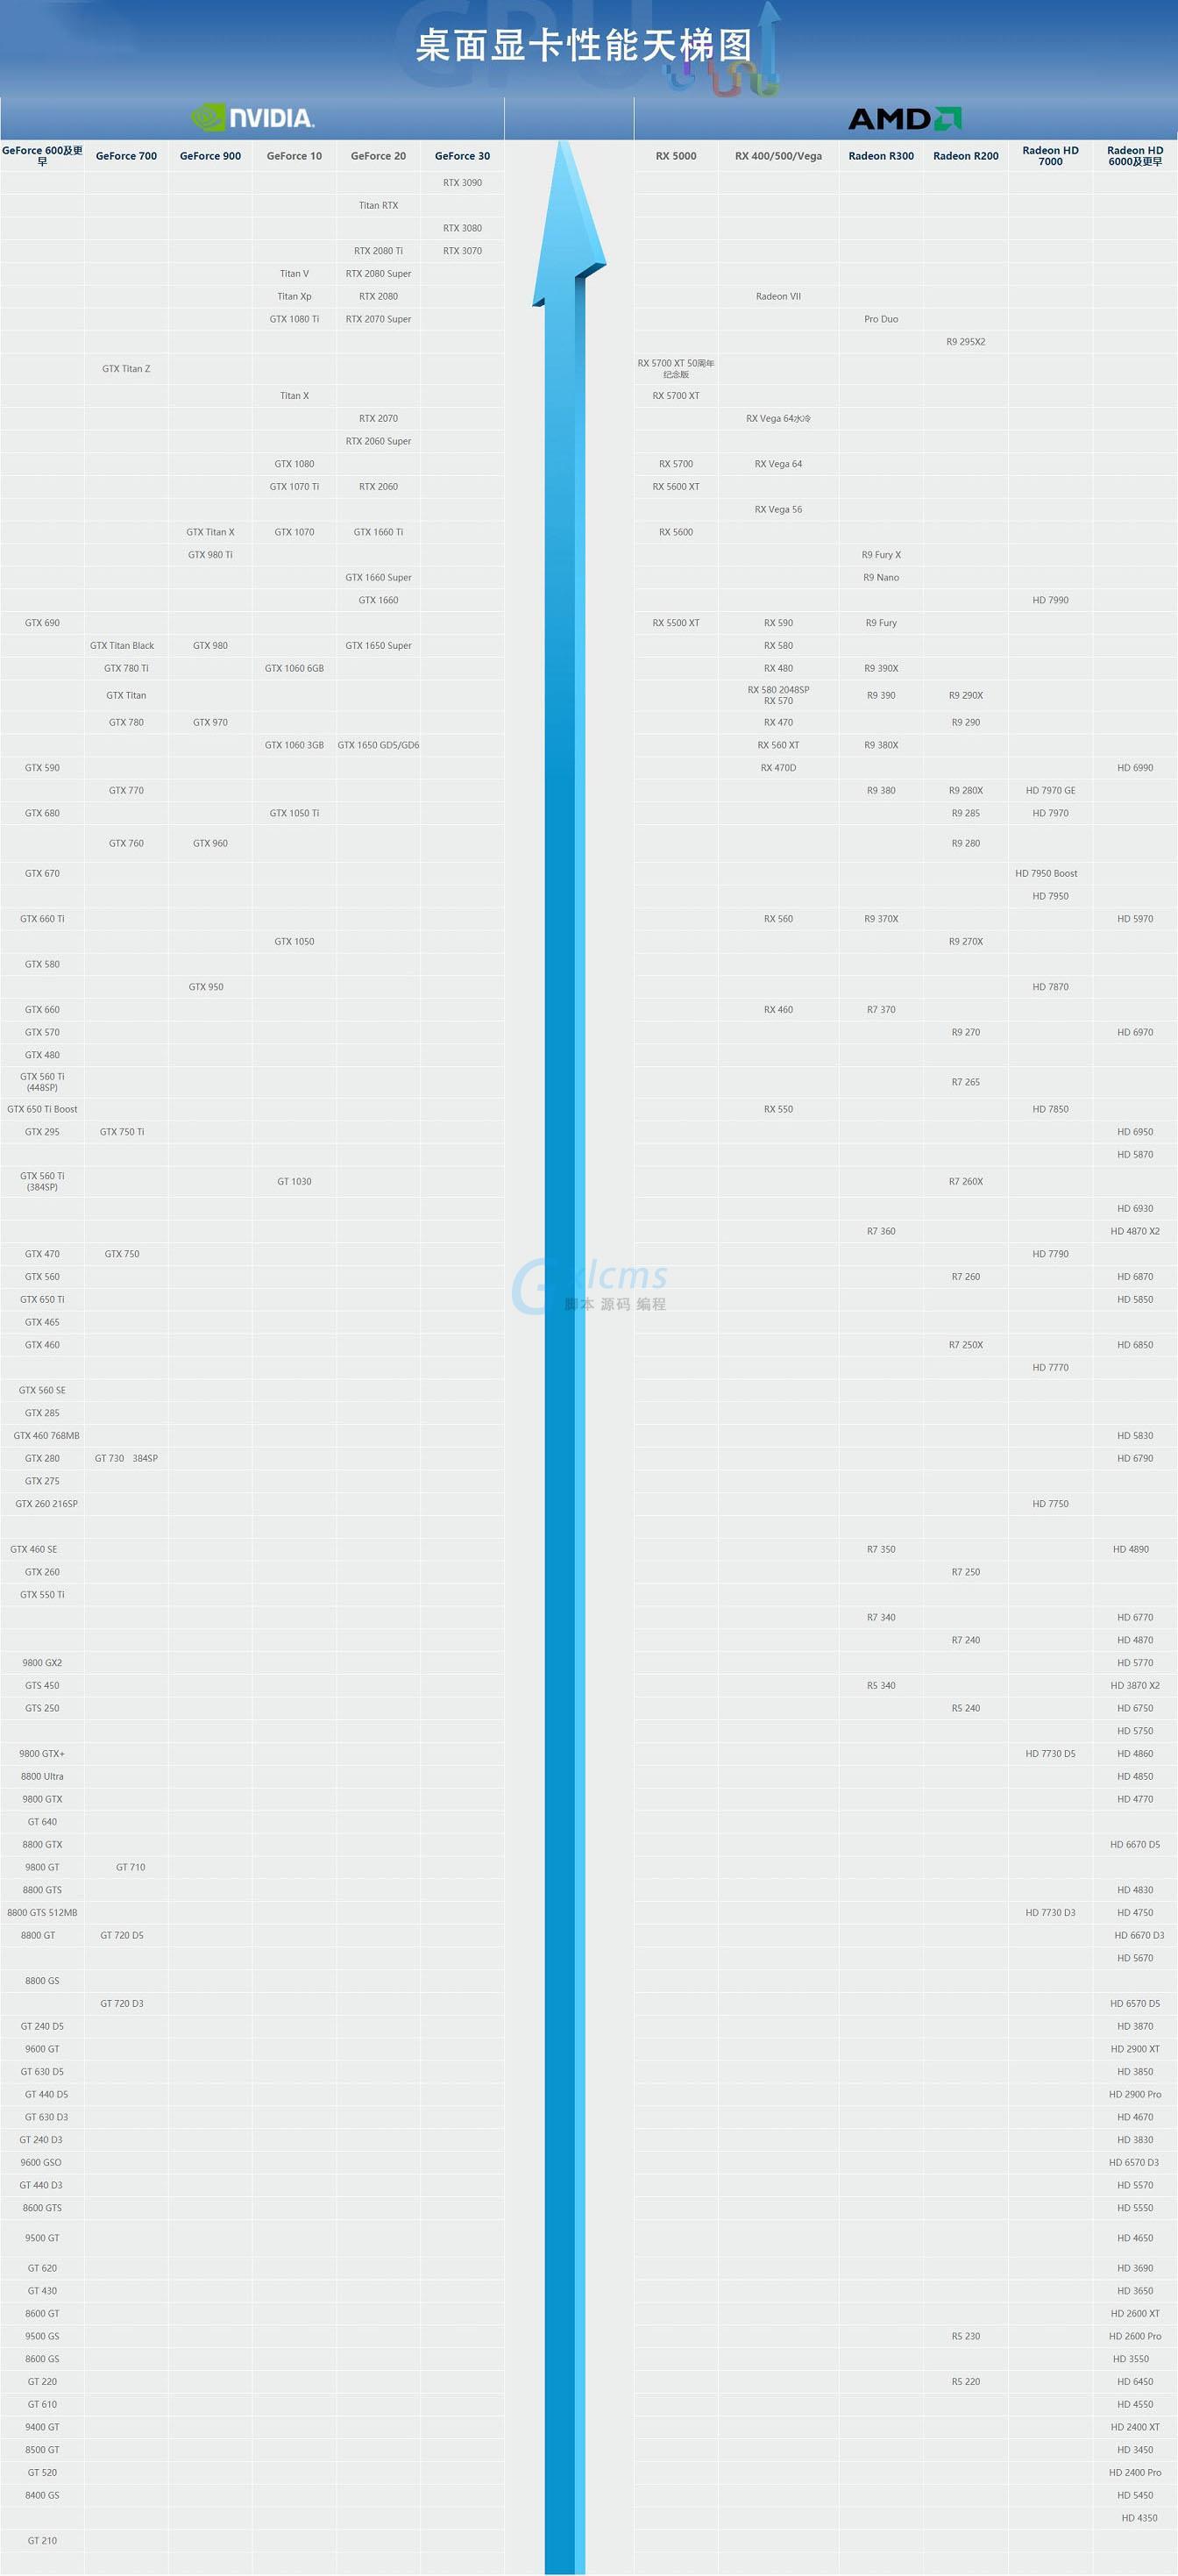 2020年11月桌面显卡天梯图最新排名_52z.com